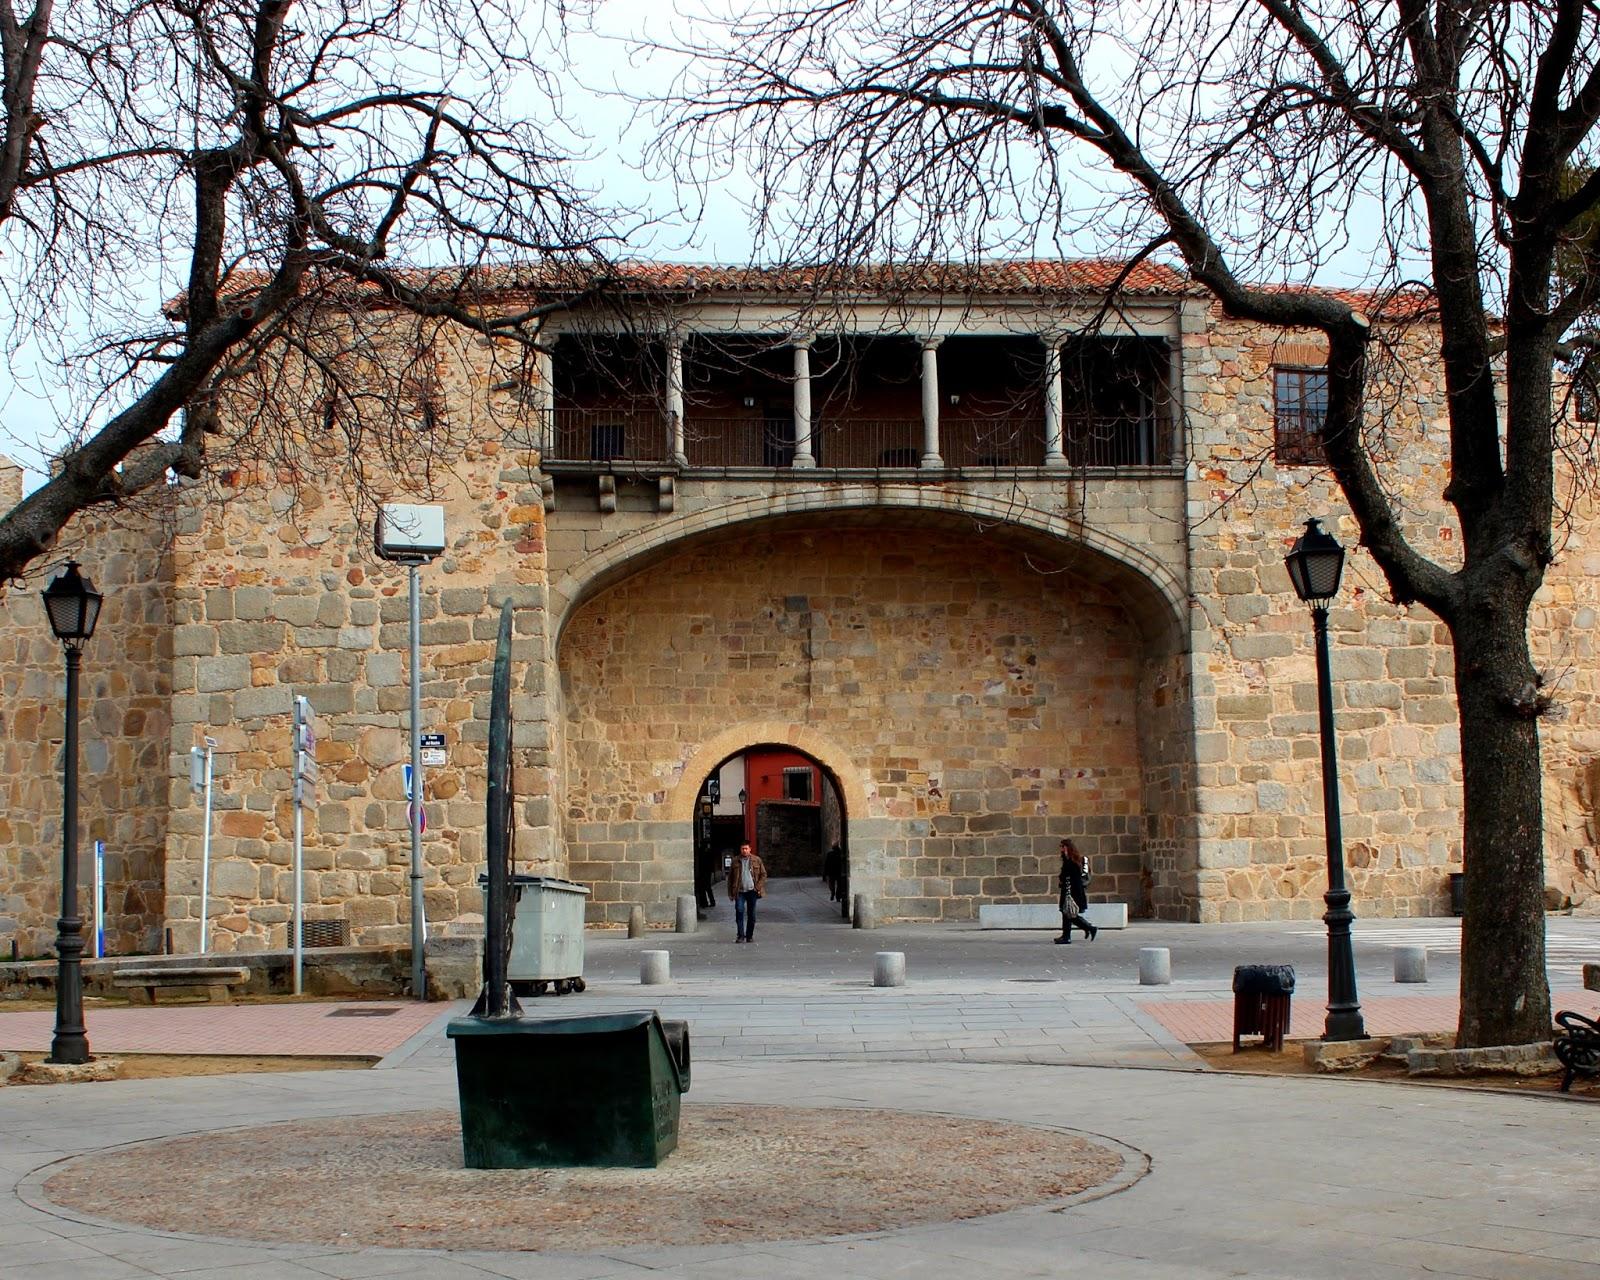 Puerta de la Catedral en Ávila